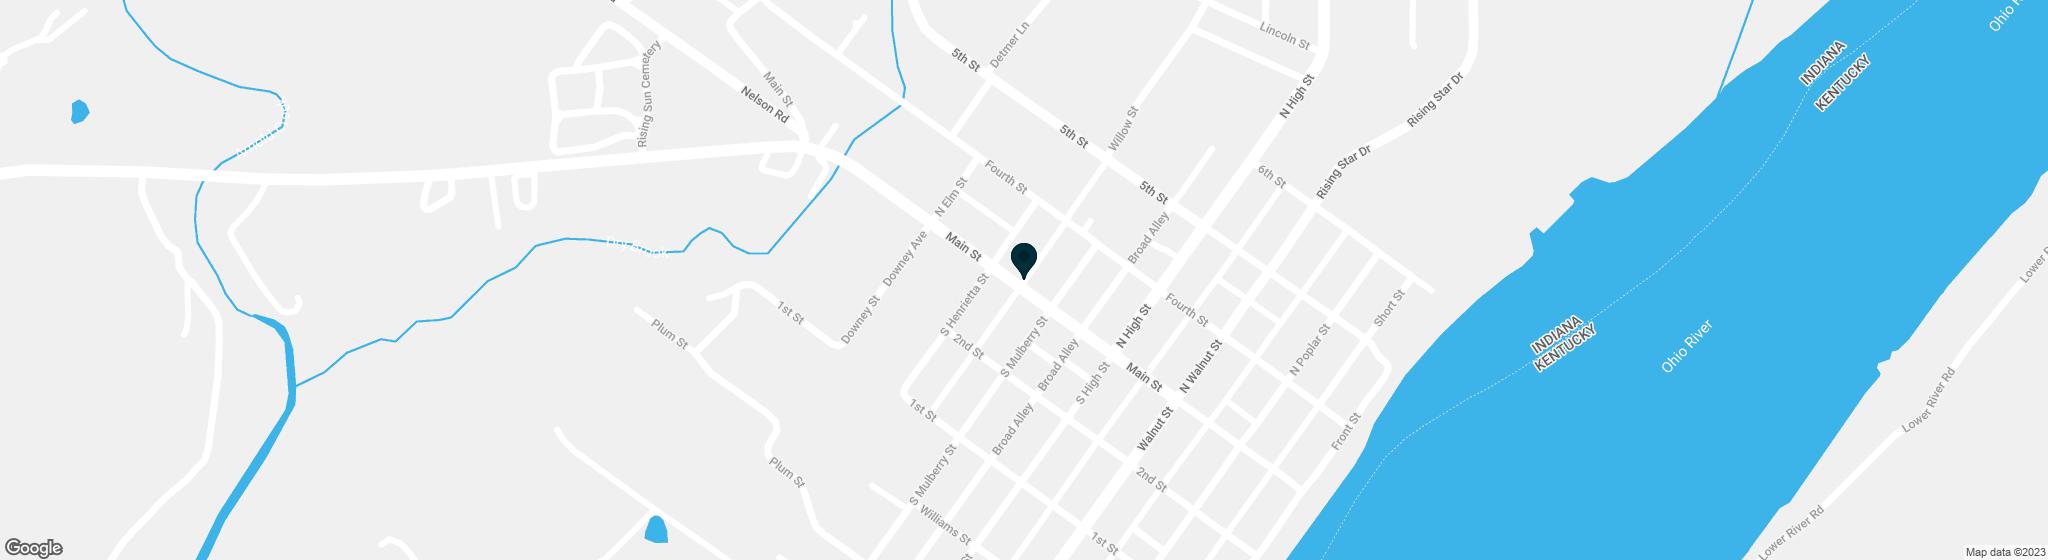 510 Main Street Street Rising Sun IN 47040